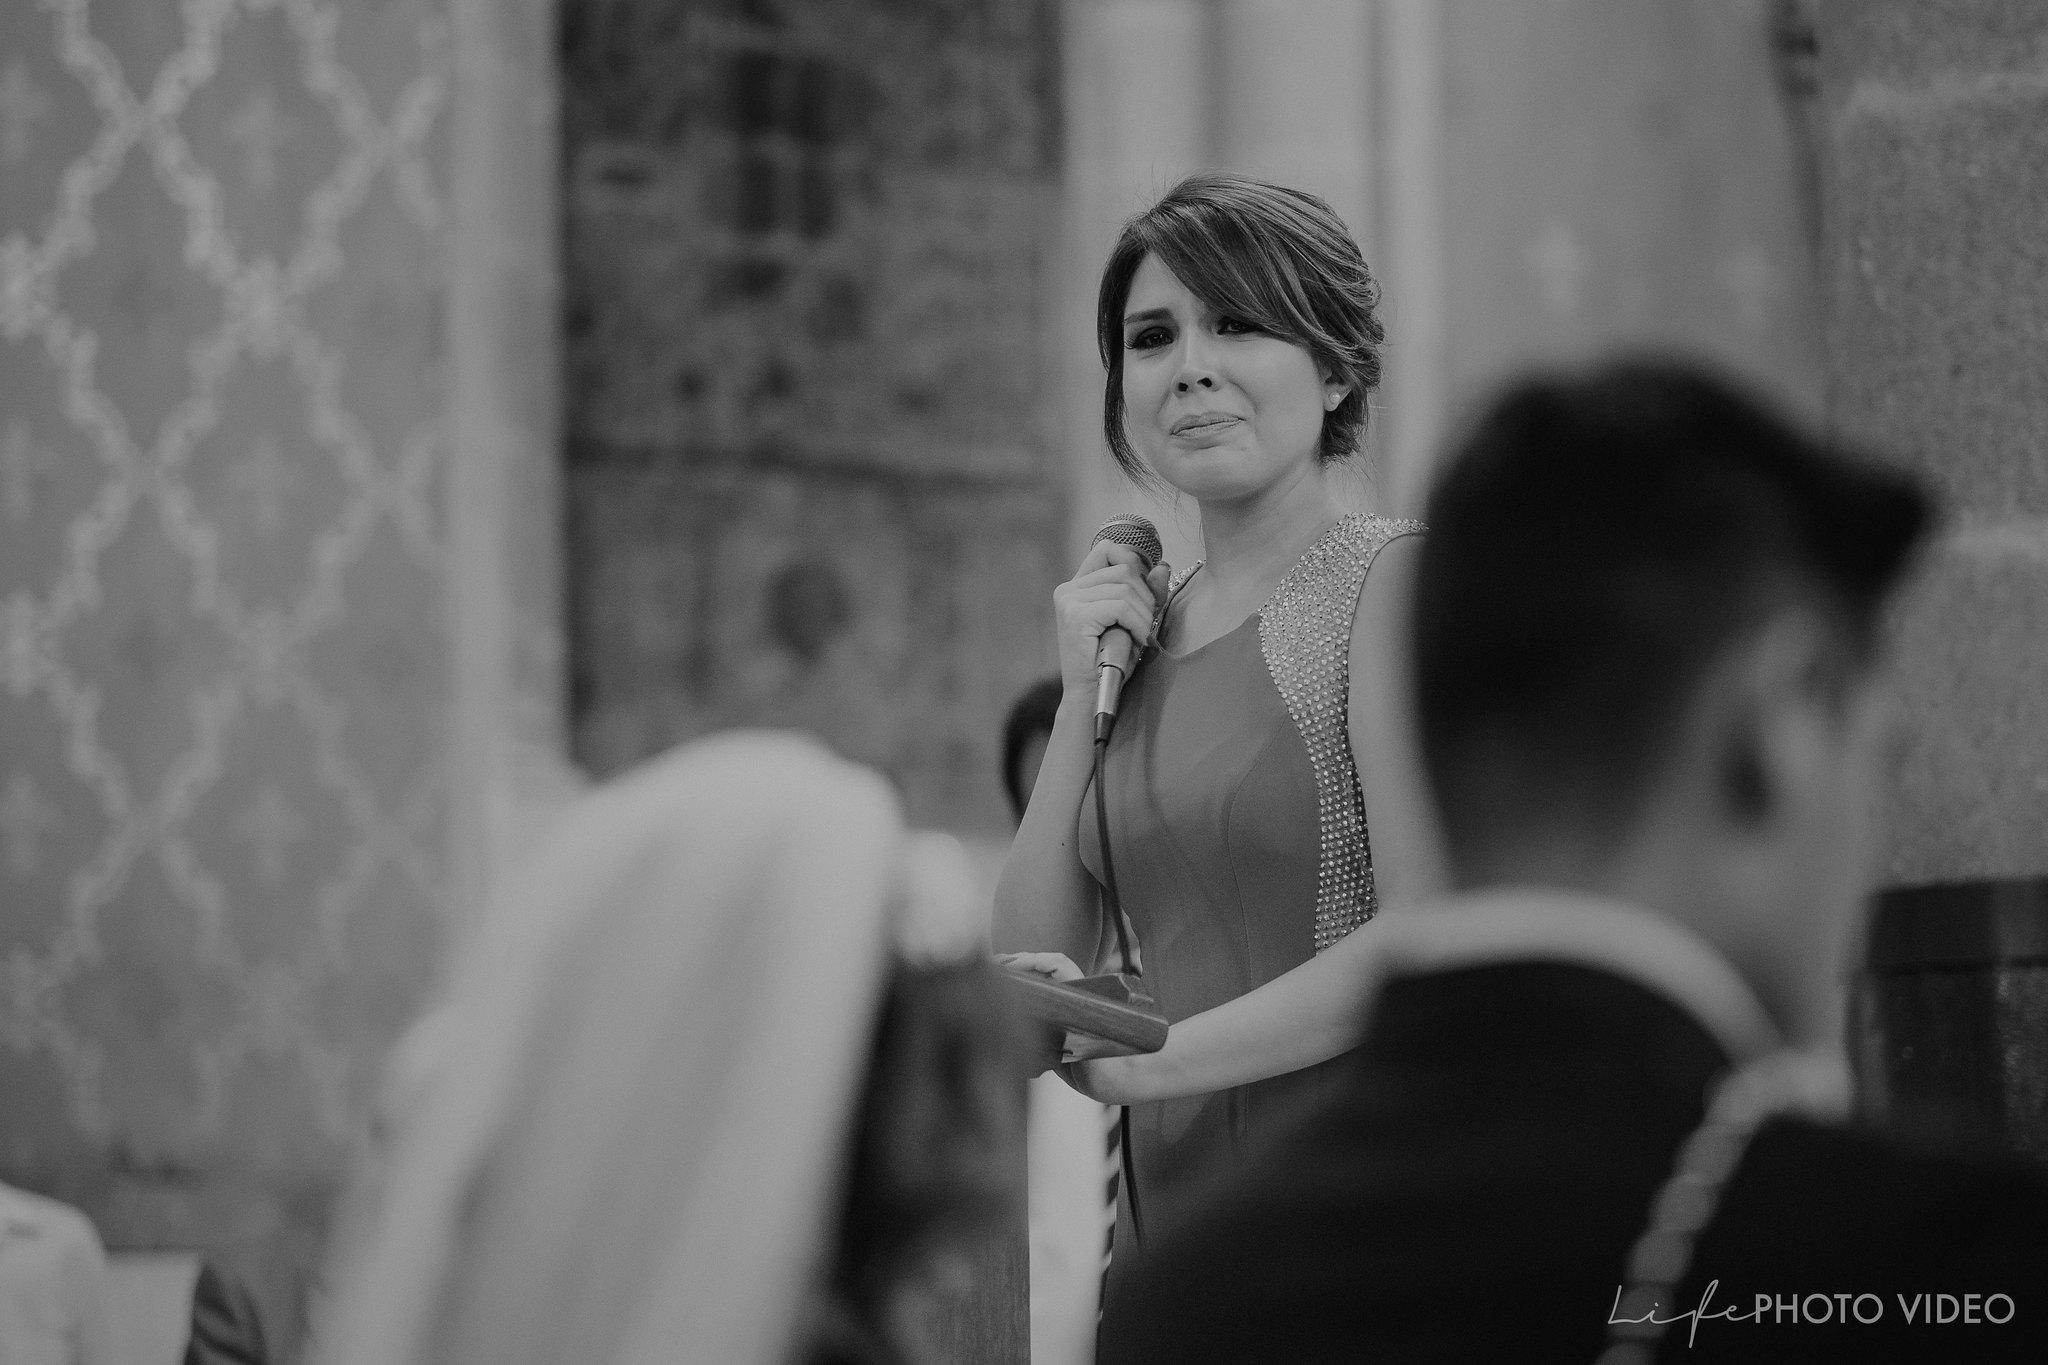 Boda_LeonGto_Wedding_LifePhotoVideo_0043.jpg